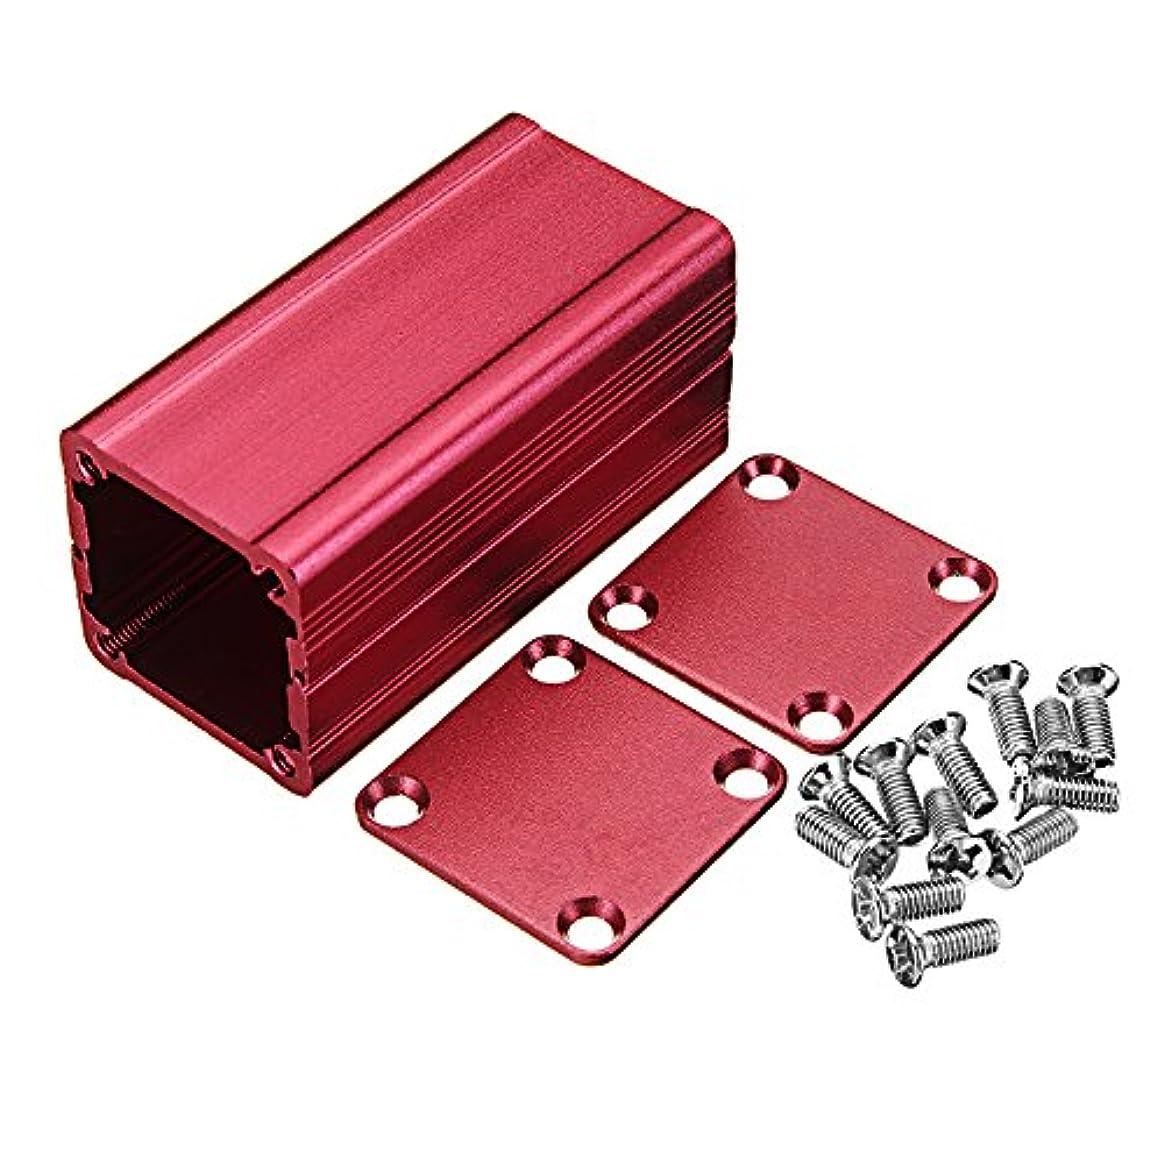 フレームワークカエル差別化するQueenwind レッド押出アルミニウムプロジェクトボックス電子筐体ケース DIY 熱放散ツール 50 * 25 * 25mm